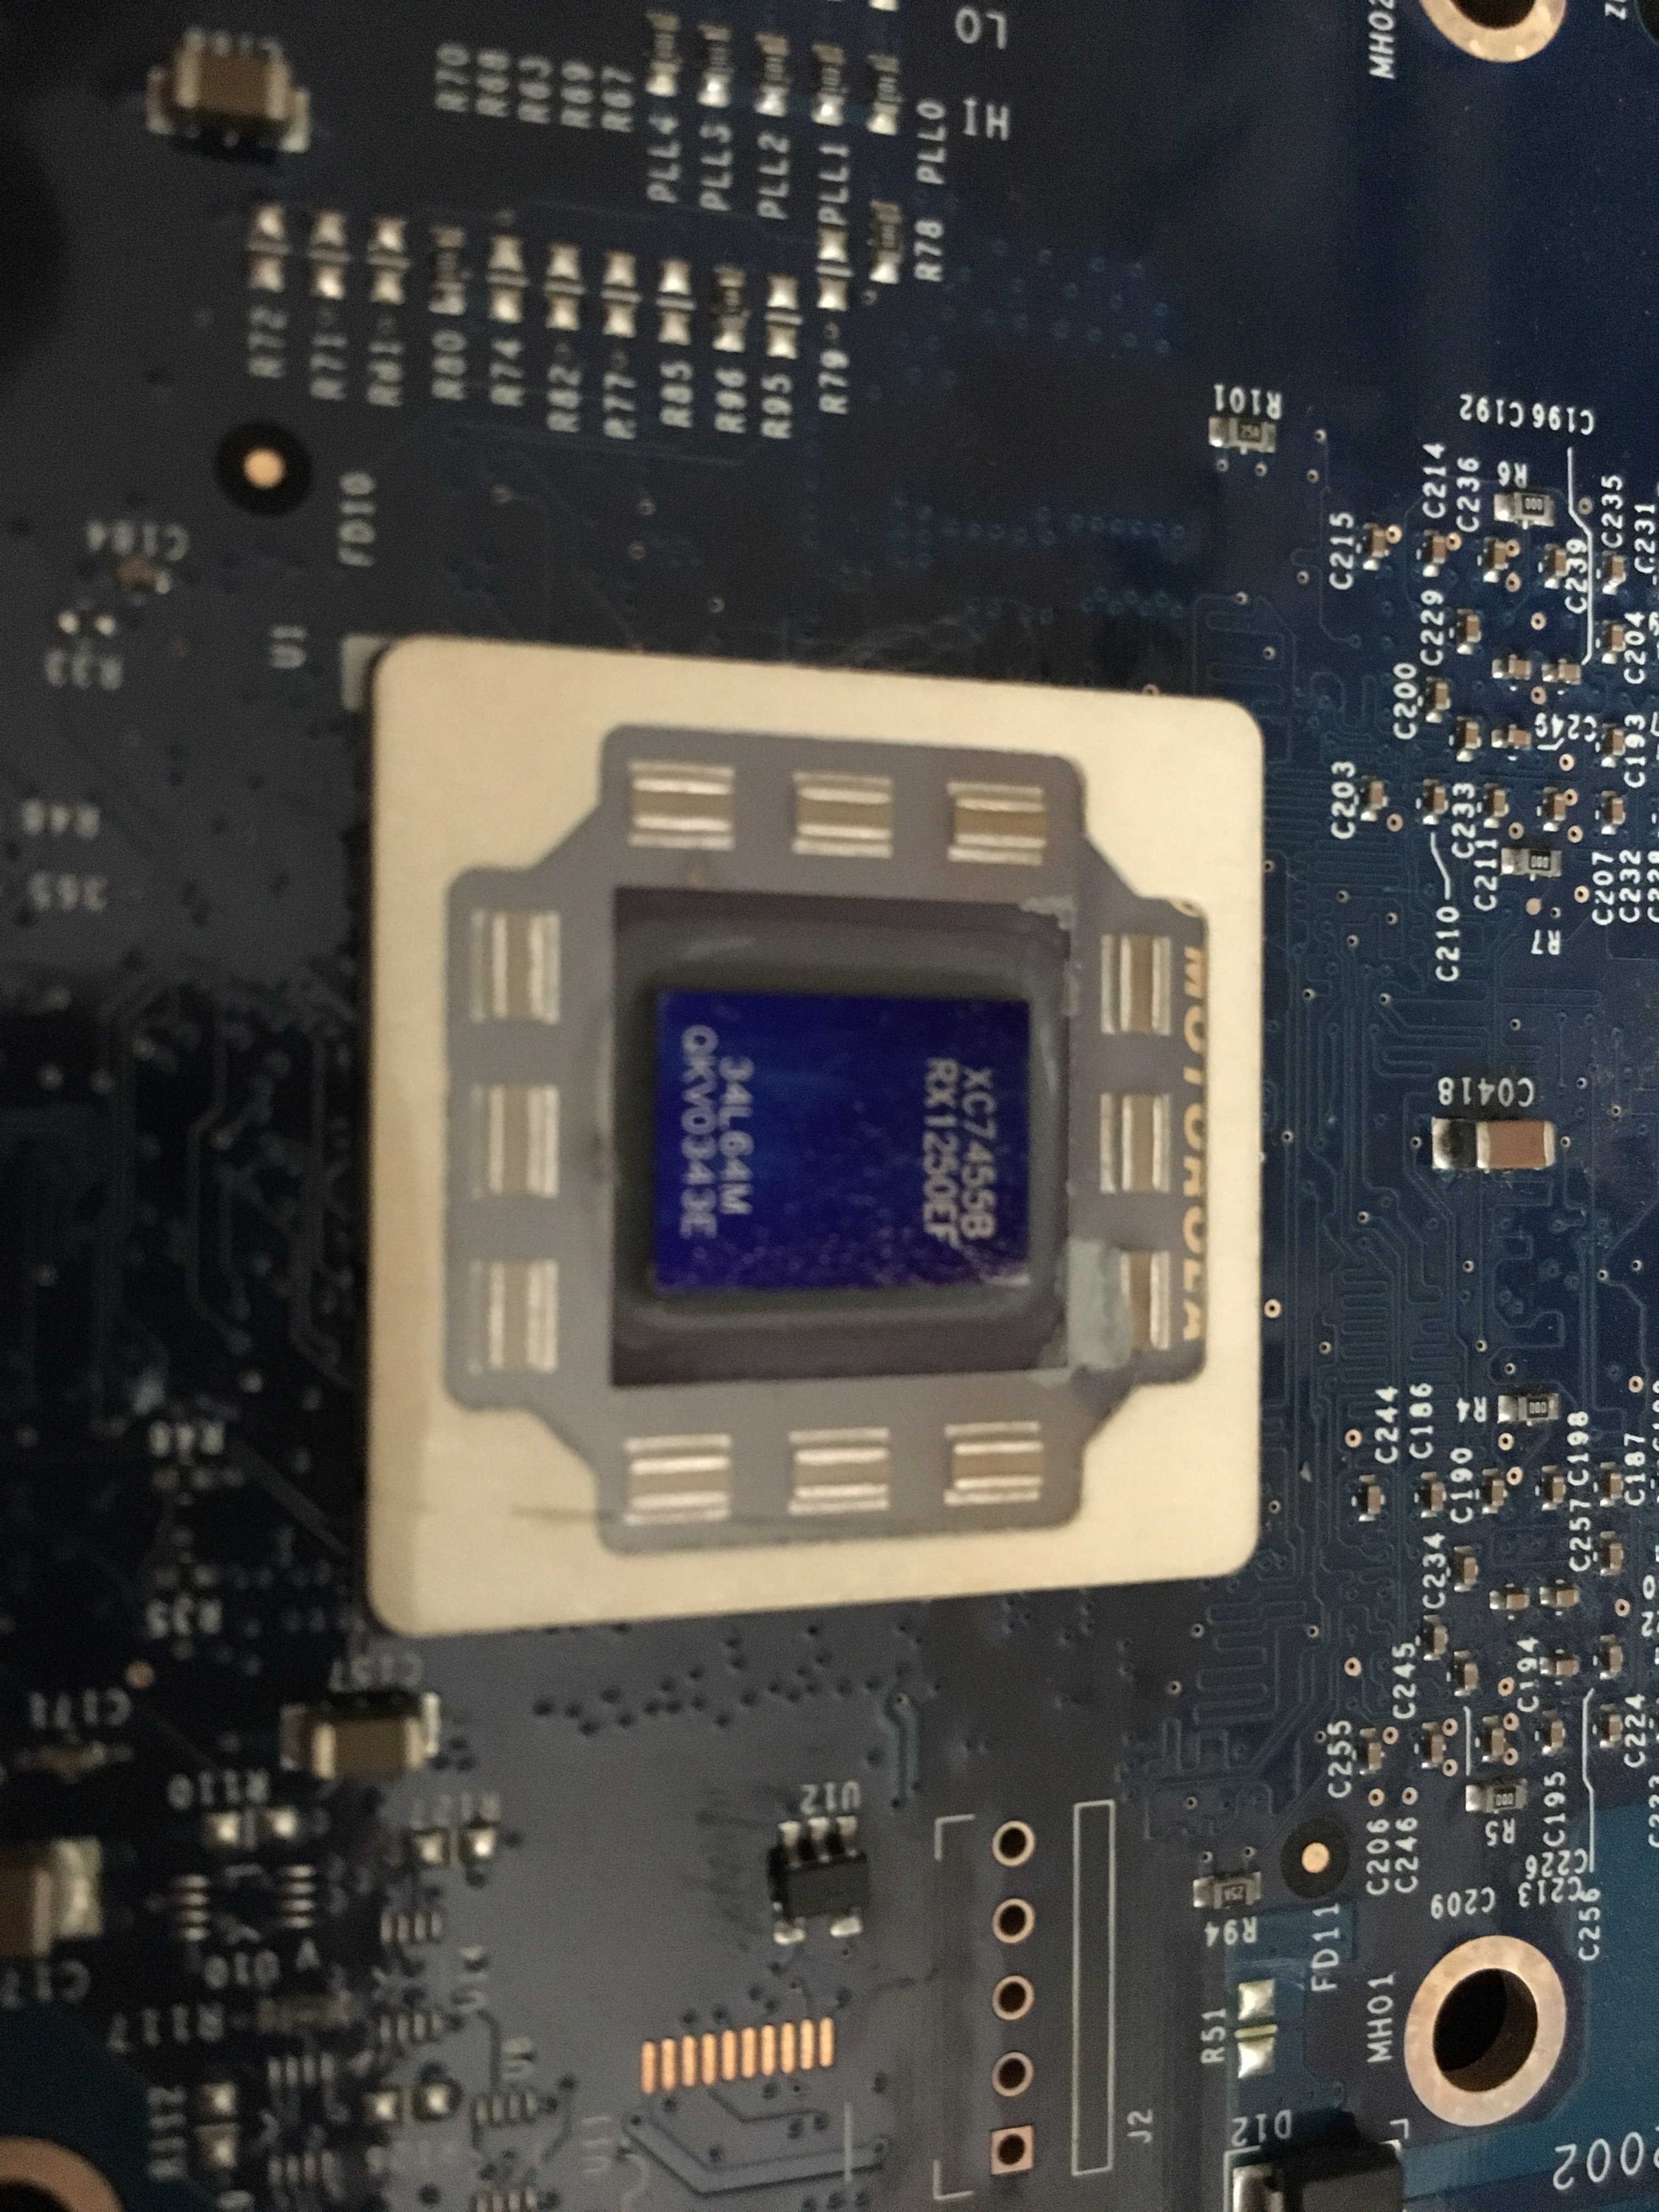 CCB6418A-0F5A-4796-8A1C-7F0088AF3CB1.jpeg